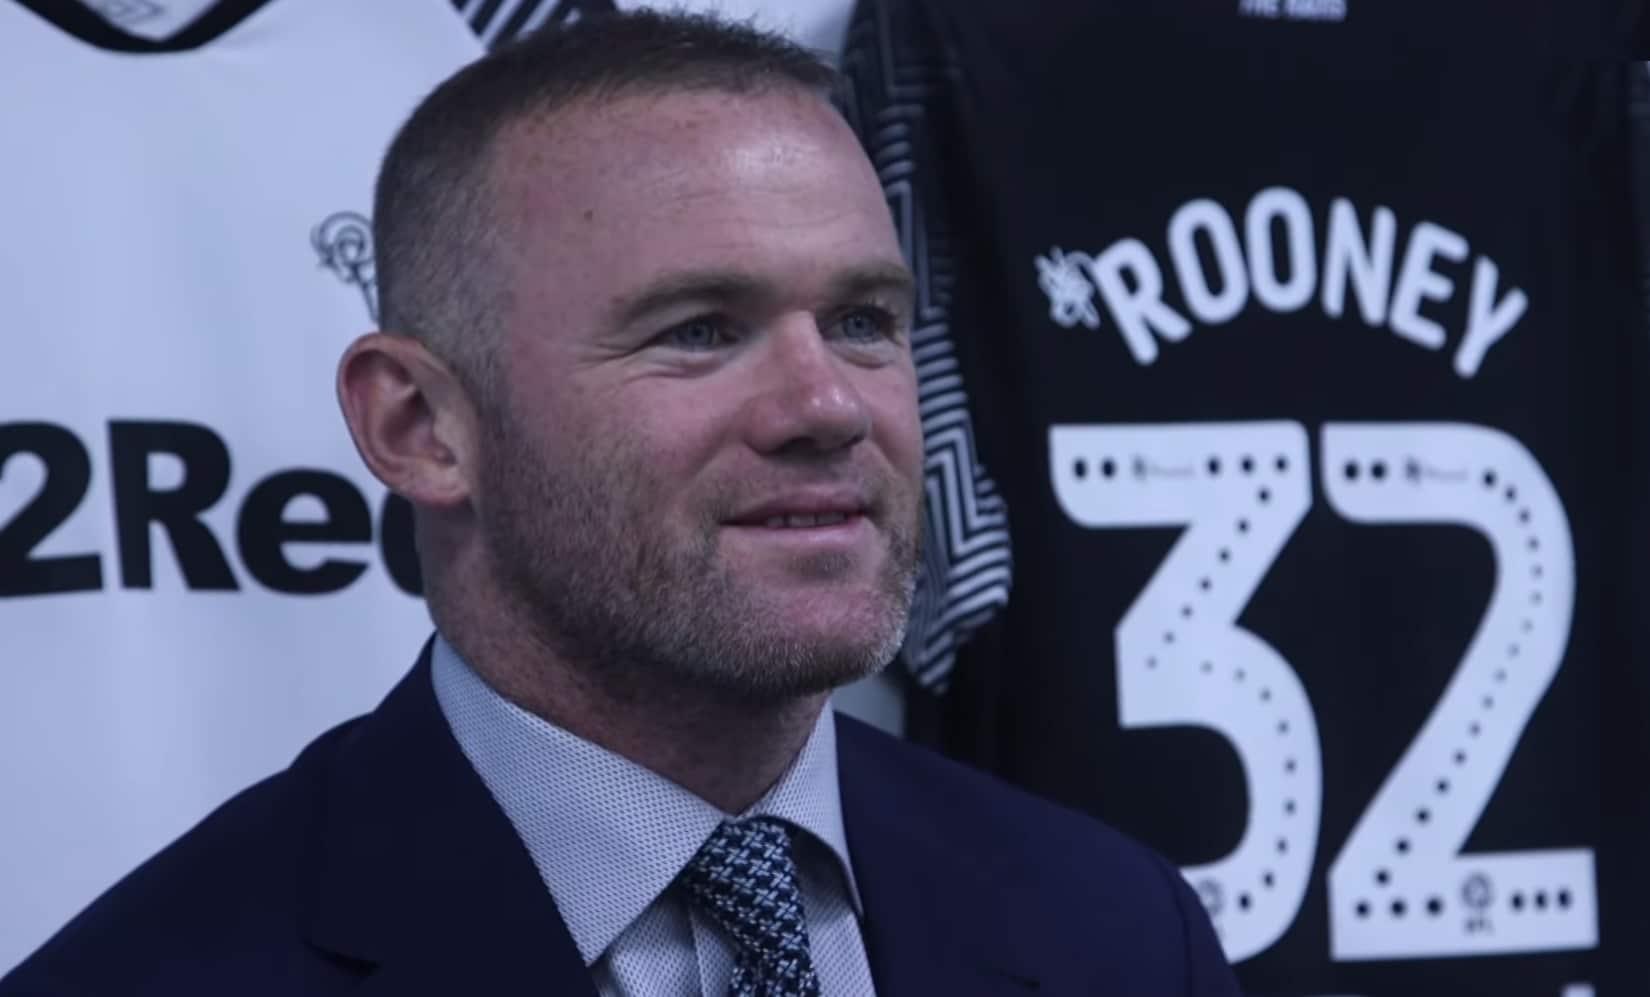 Wayne Rooney joutui Derbyssä myrskyn keskelle pelaamatta peliäkään – tuleva pelinumero närästää monia